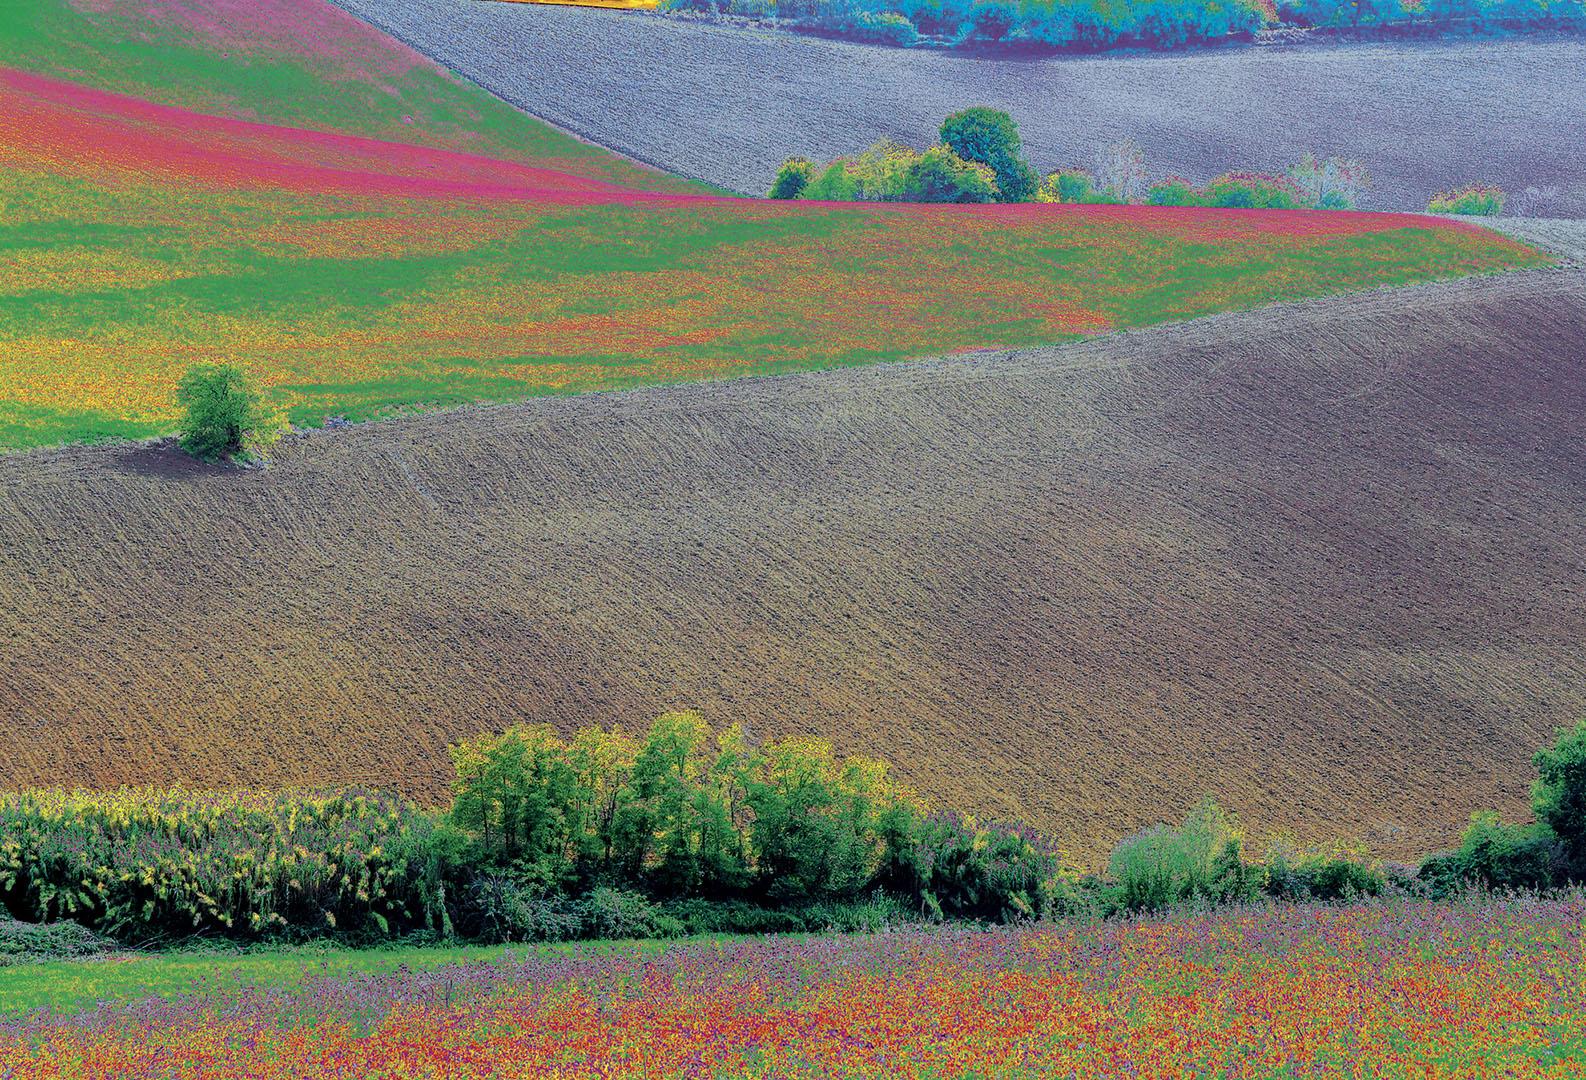 Landscapes_262_I08-8.18